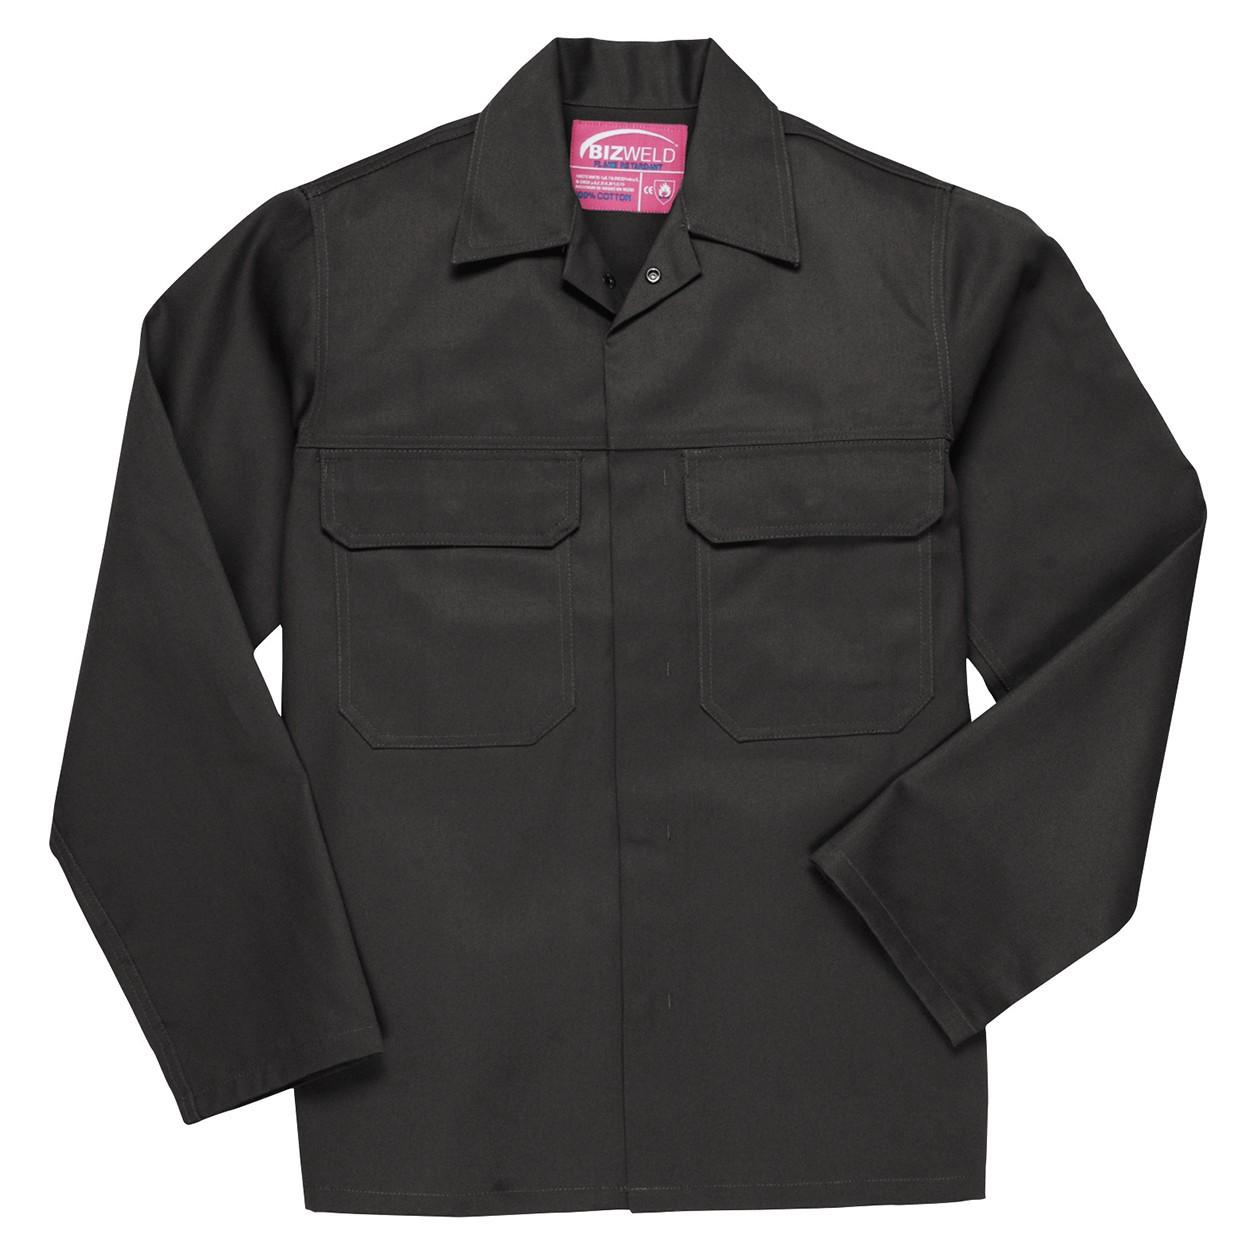 Portwest BIZ2 Bizweld flame resistant jacket size XXL